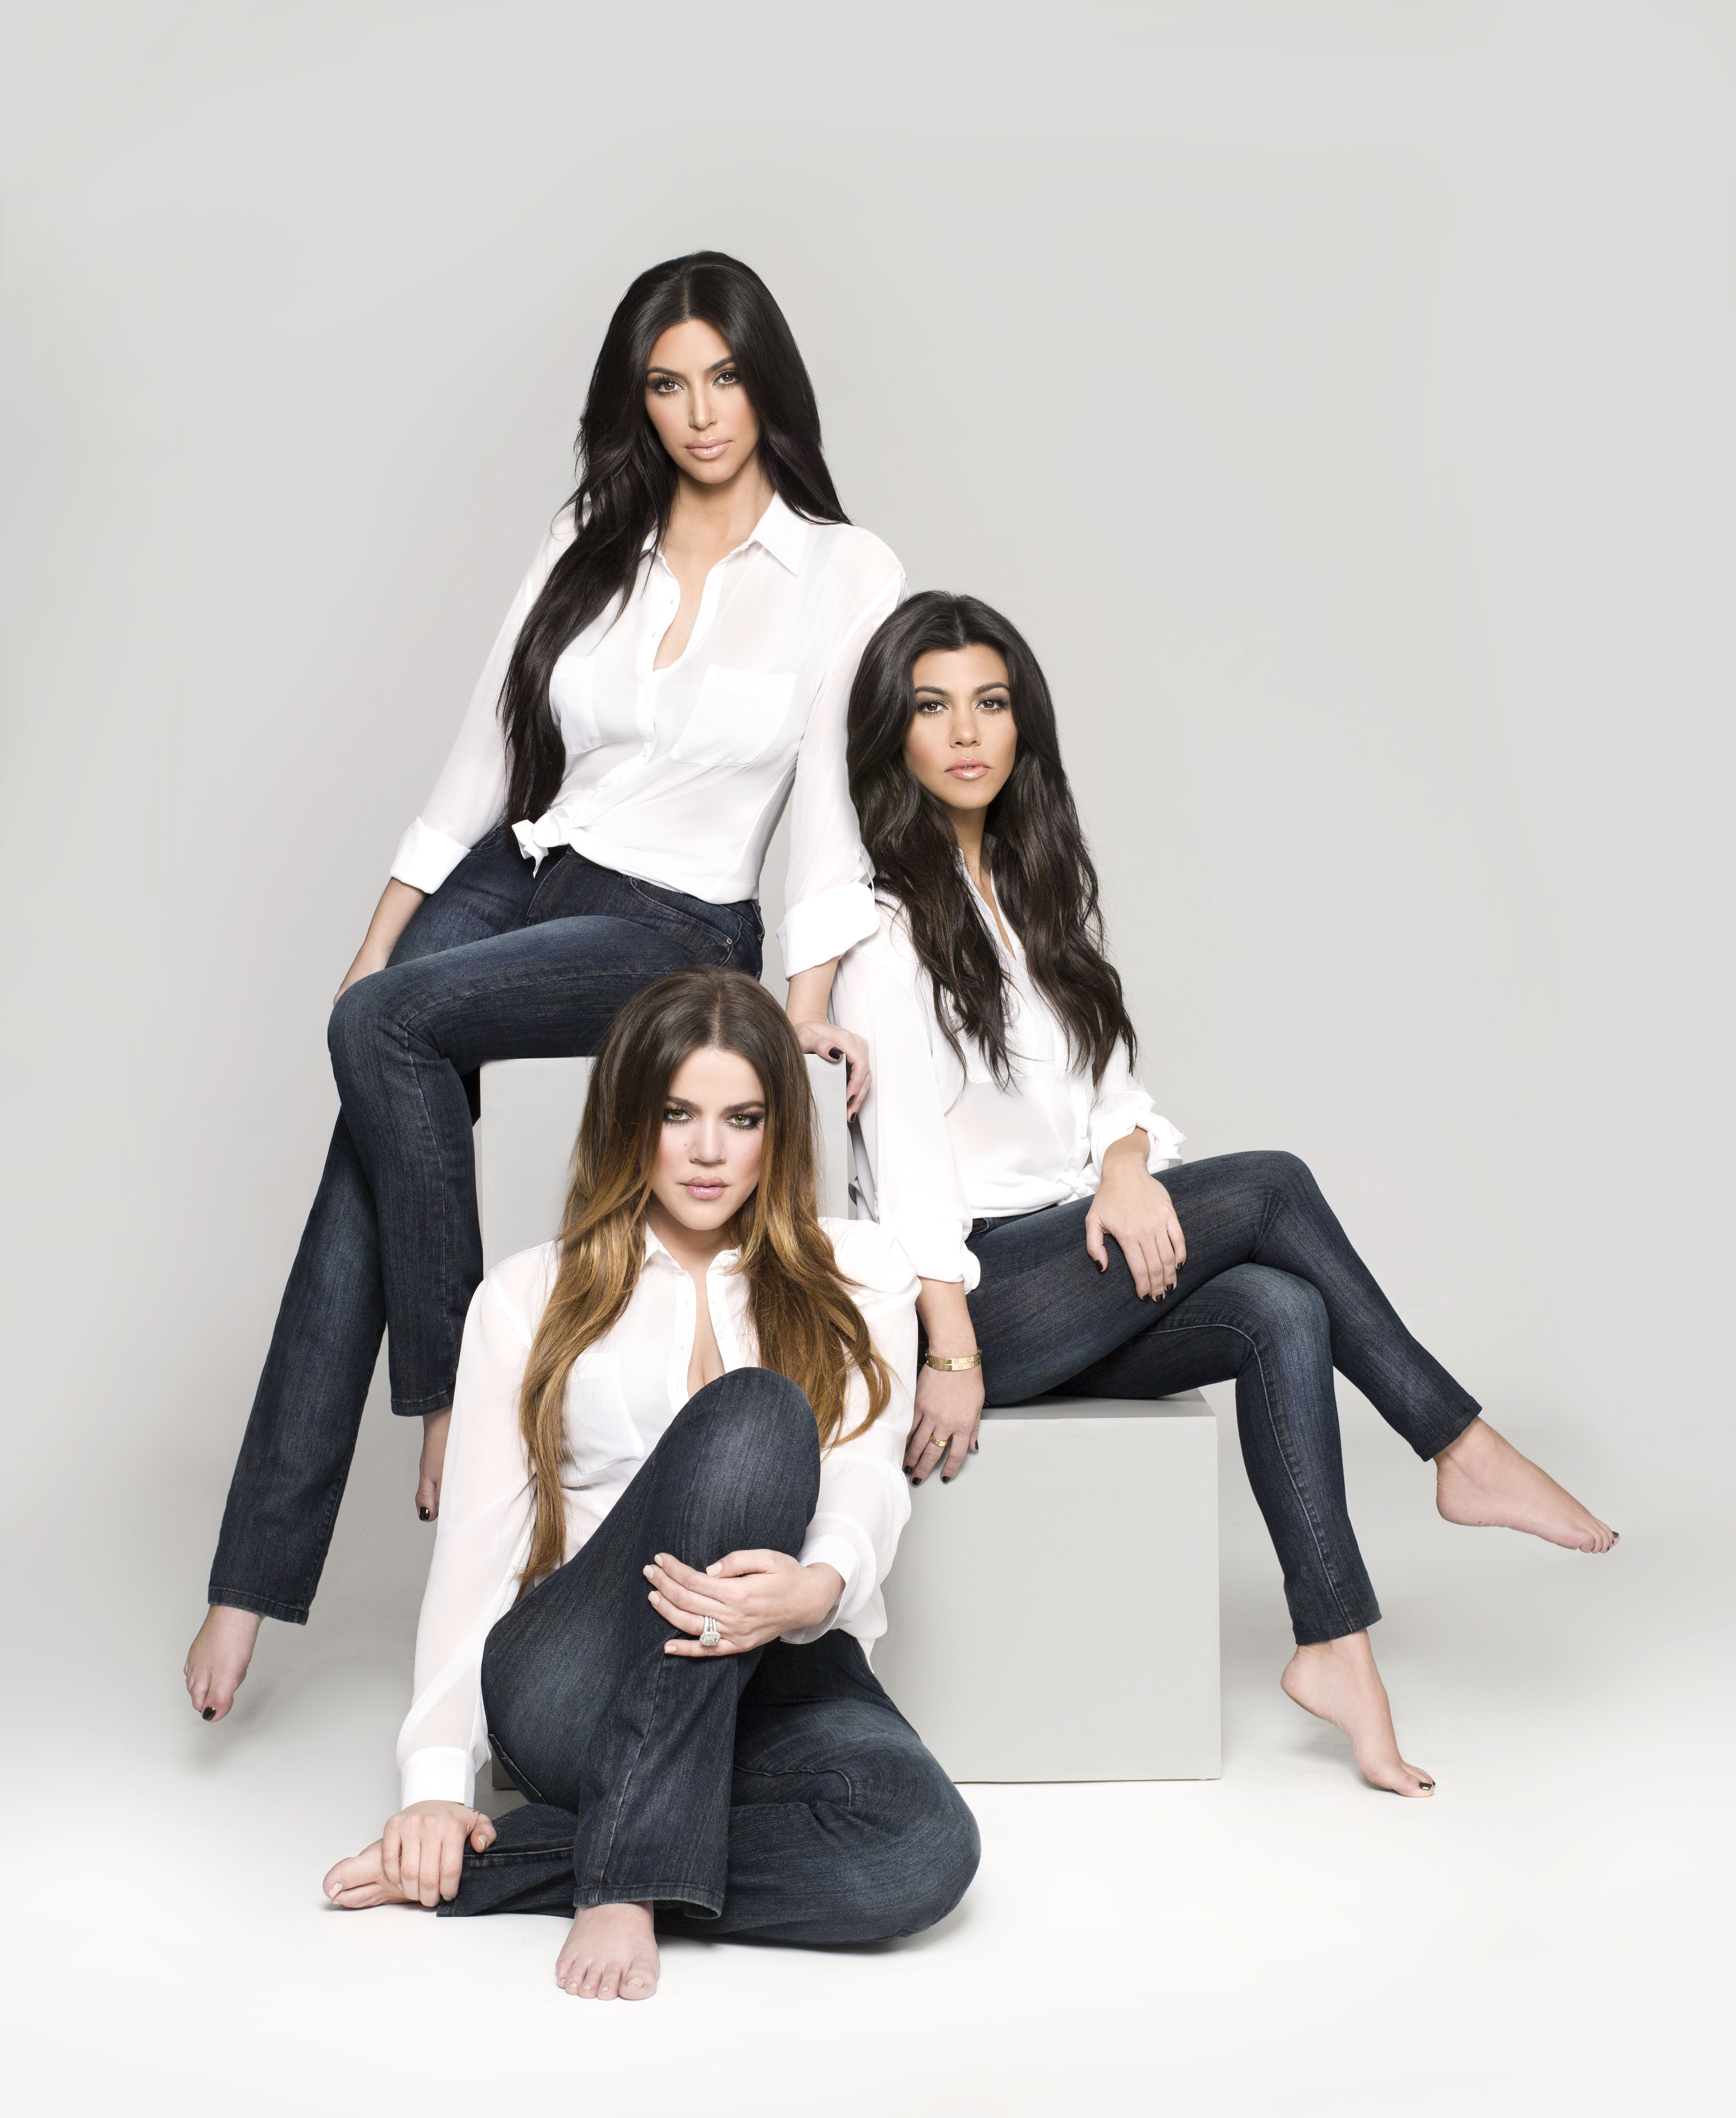 Сестра в джинсах фото 2 фотография